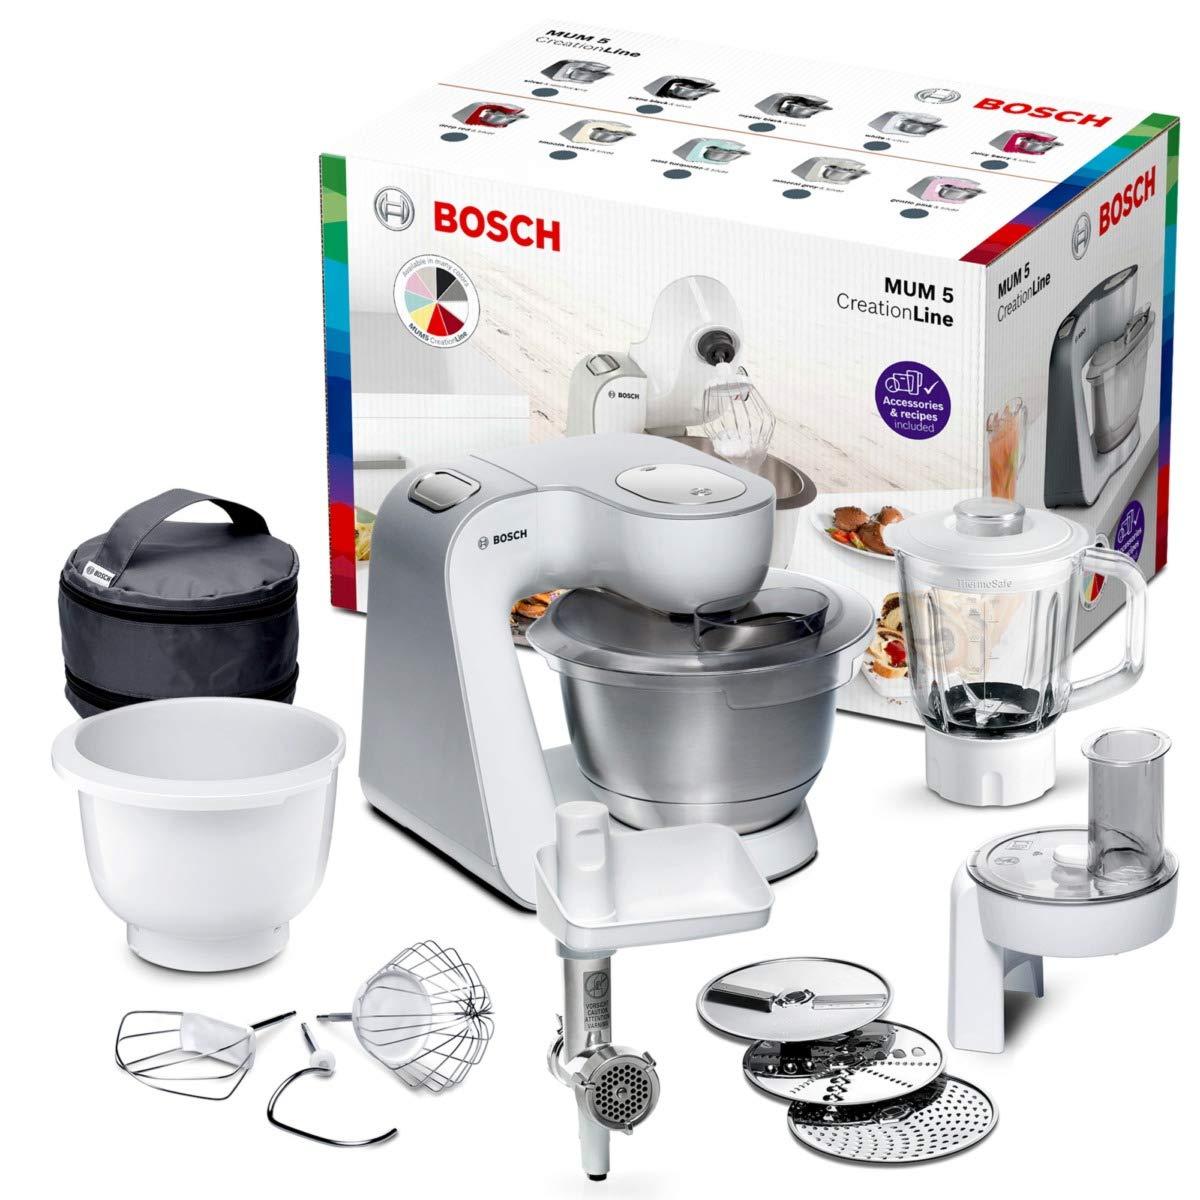 Küchenmaschine Bosch Mum5 2021